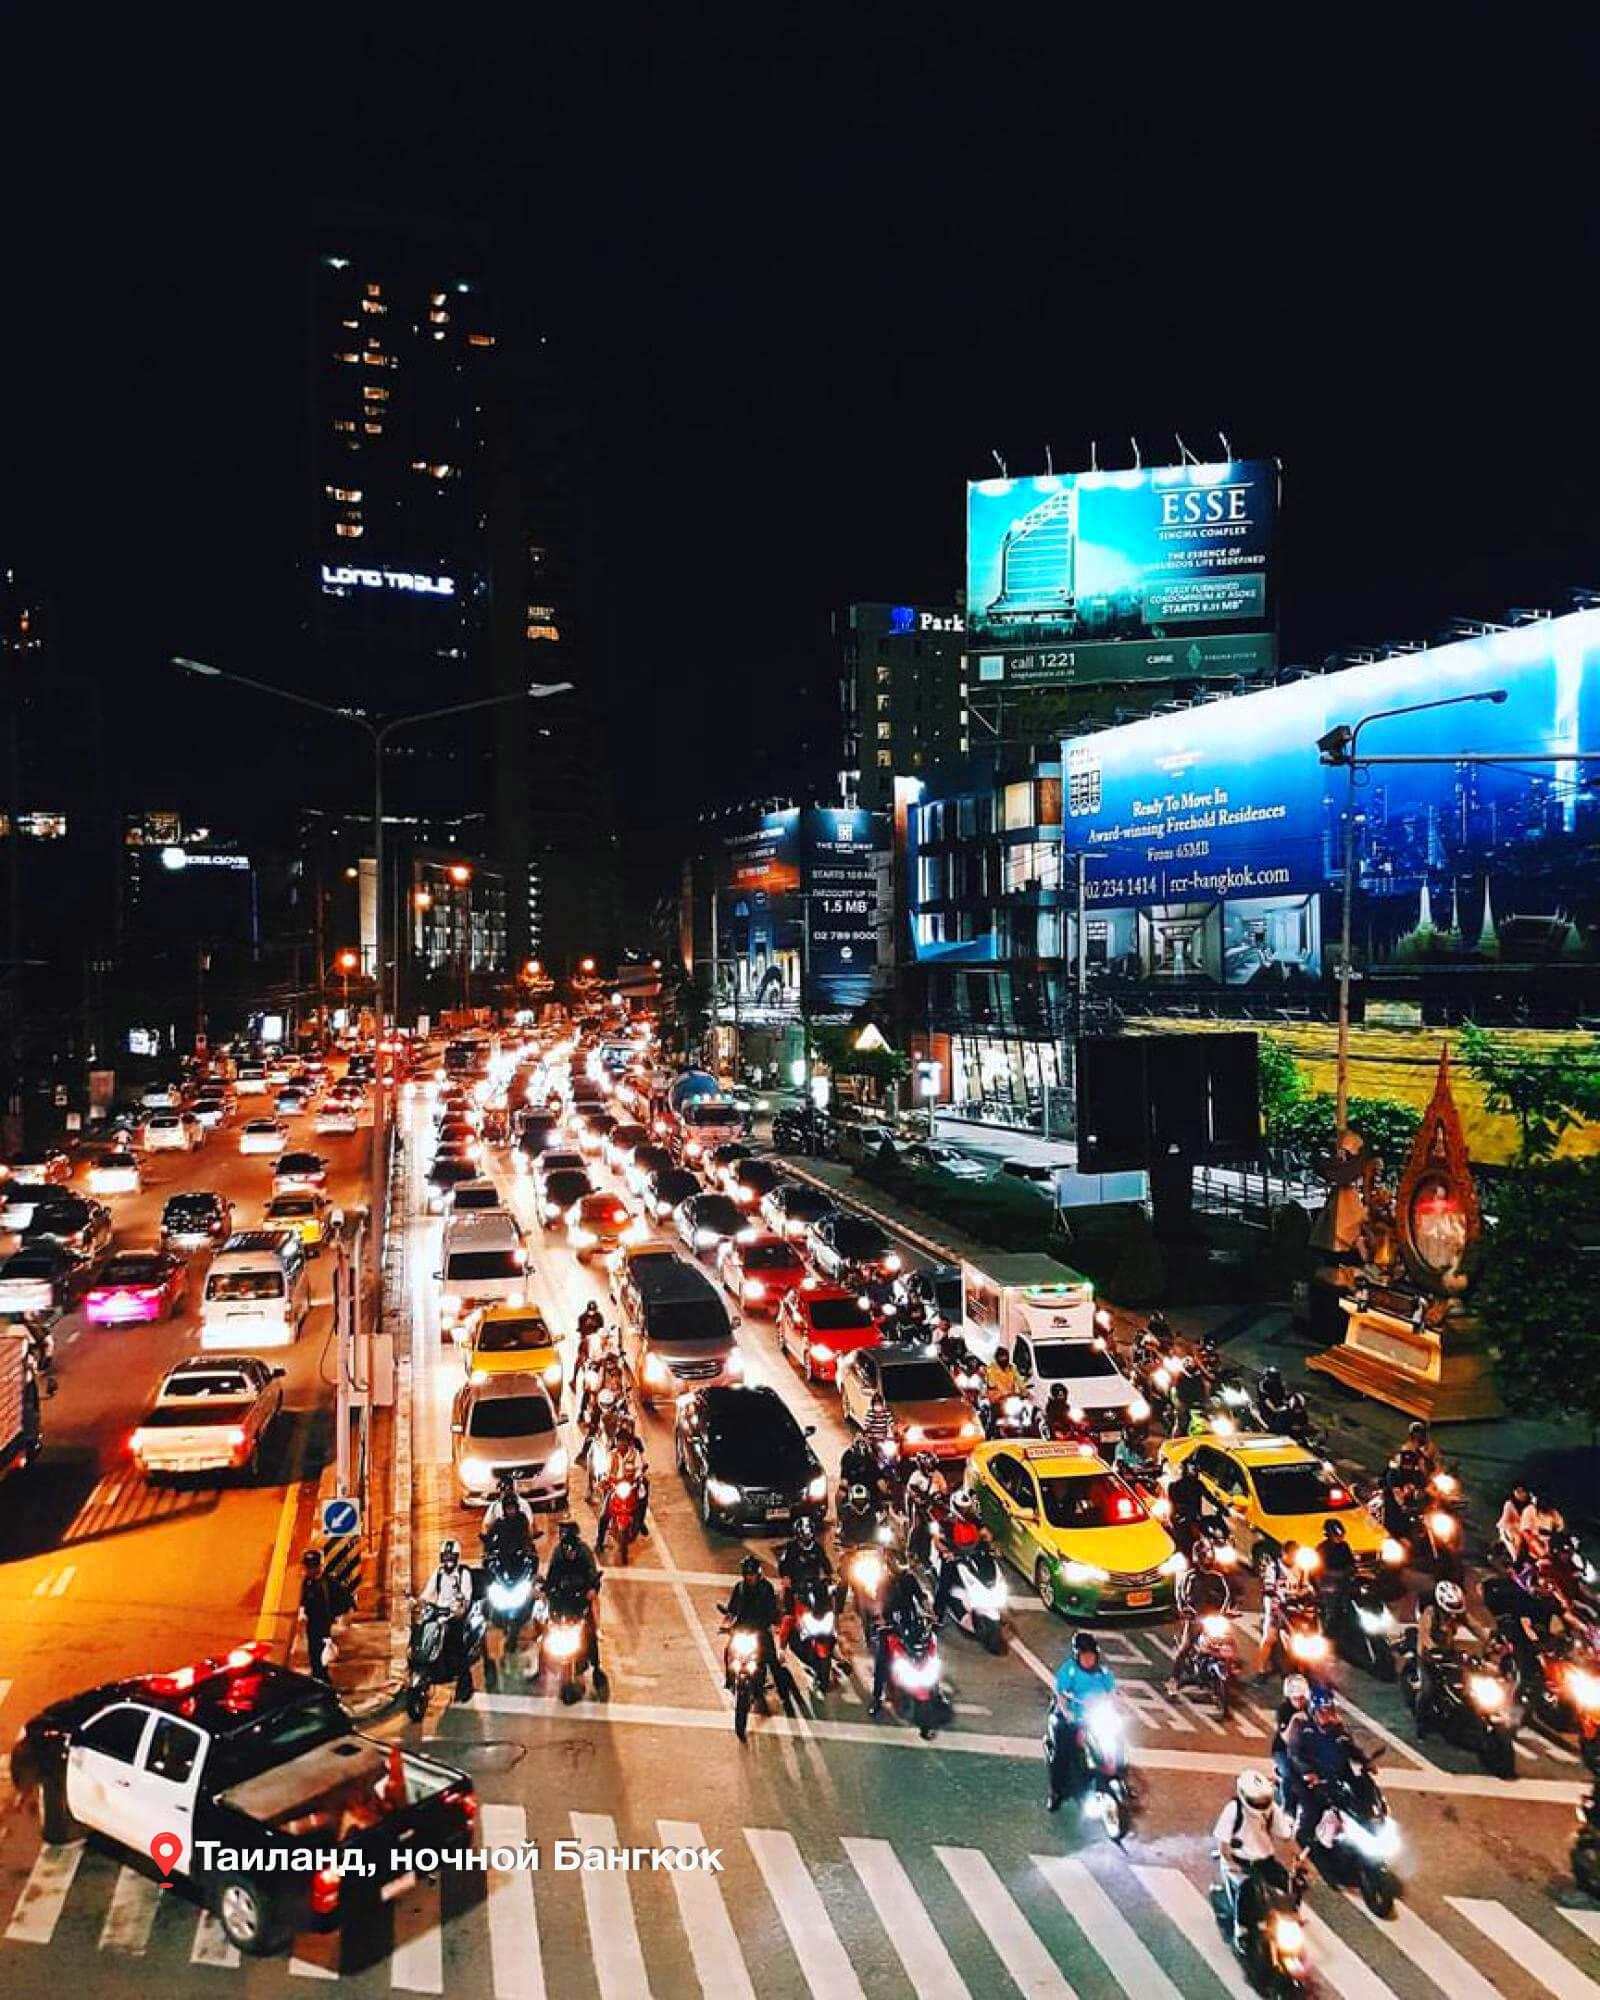 Транспорт в Таиланде, Бангкок ночью.